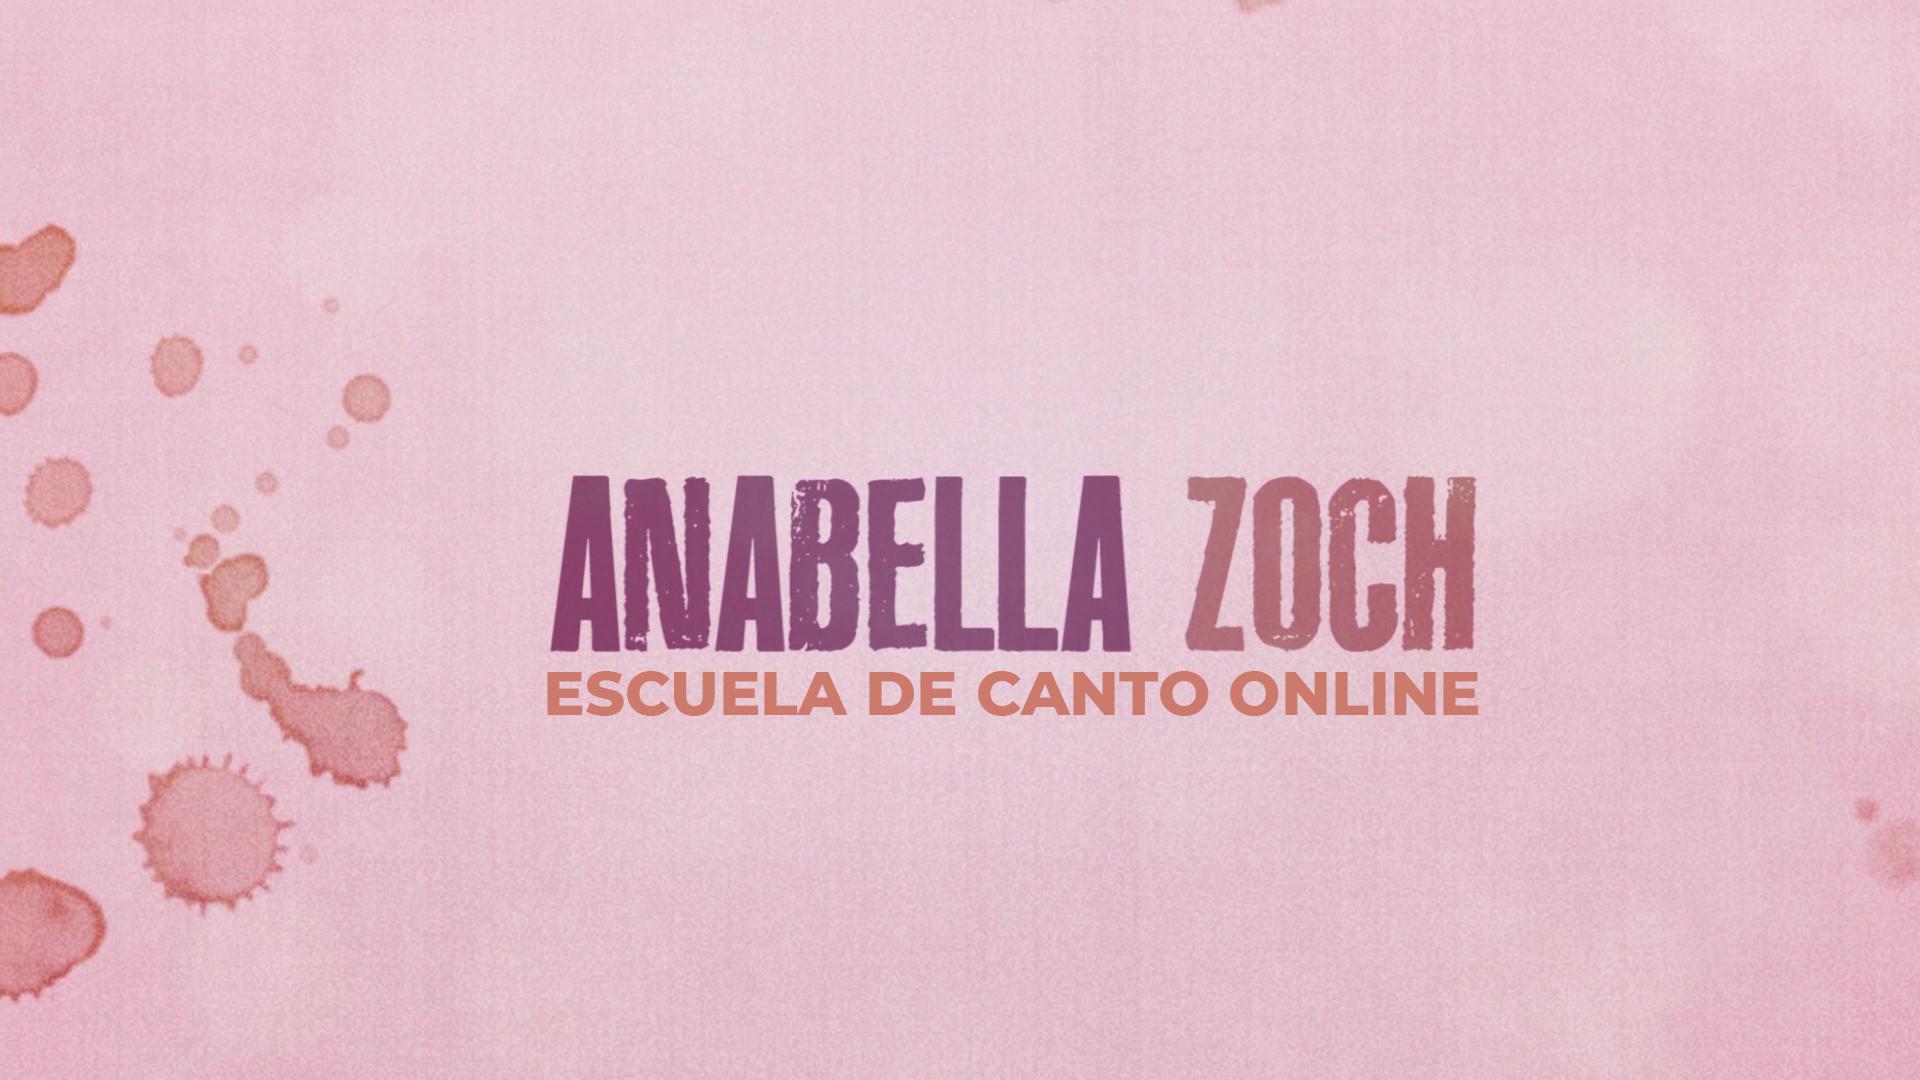 Escuela de Canto Online Anabella Zoch